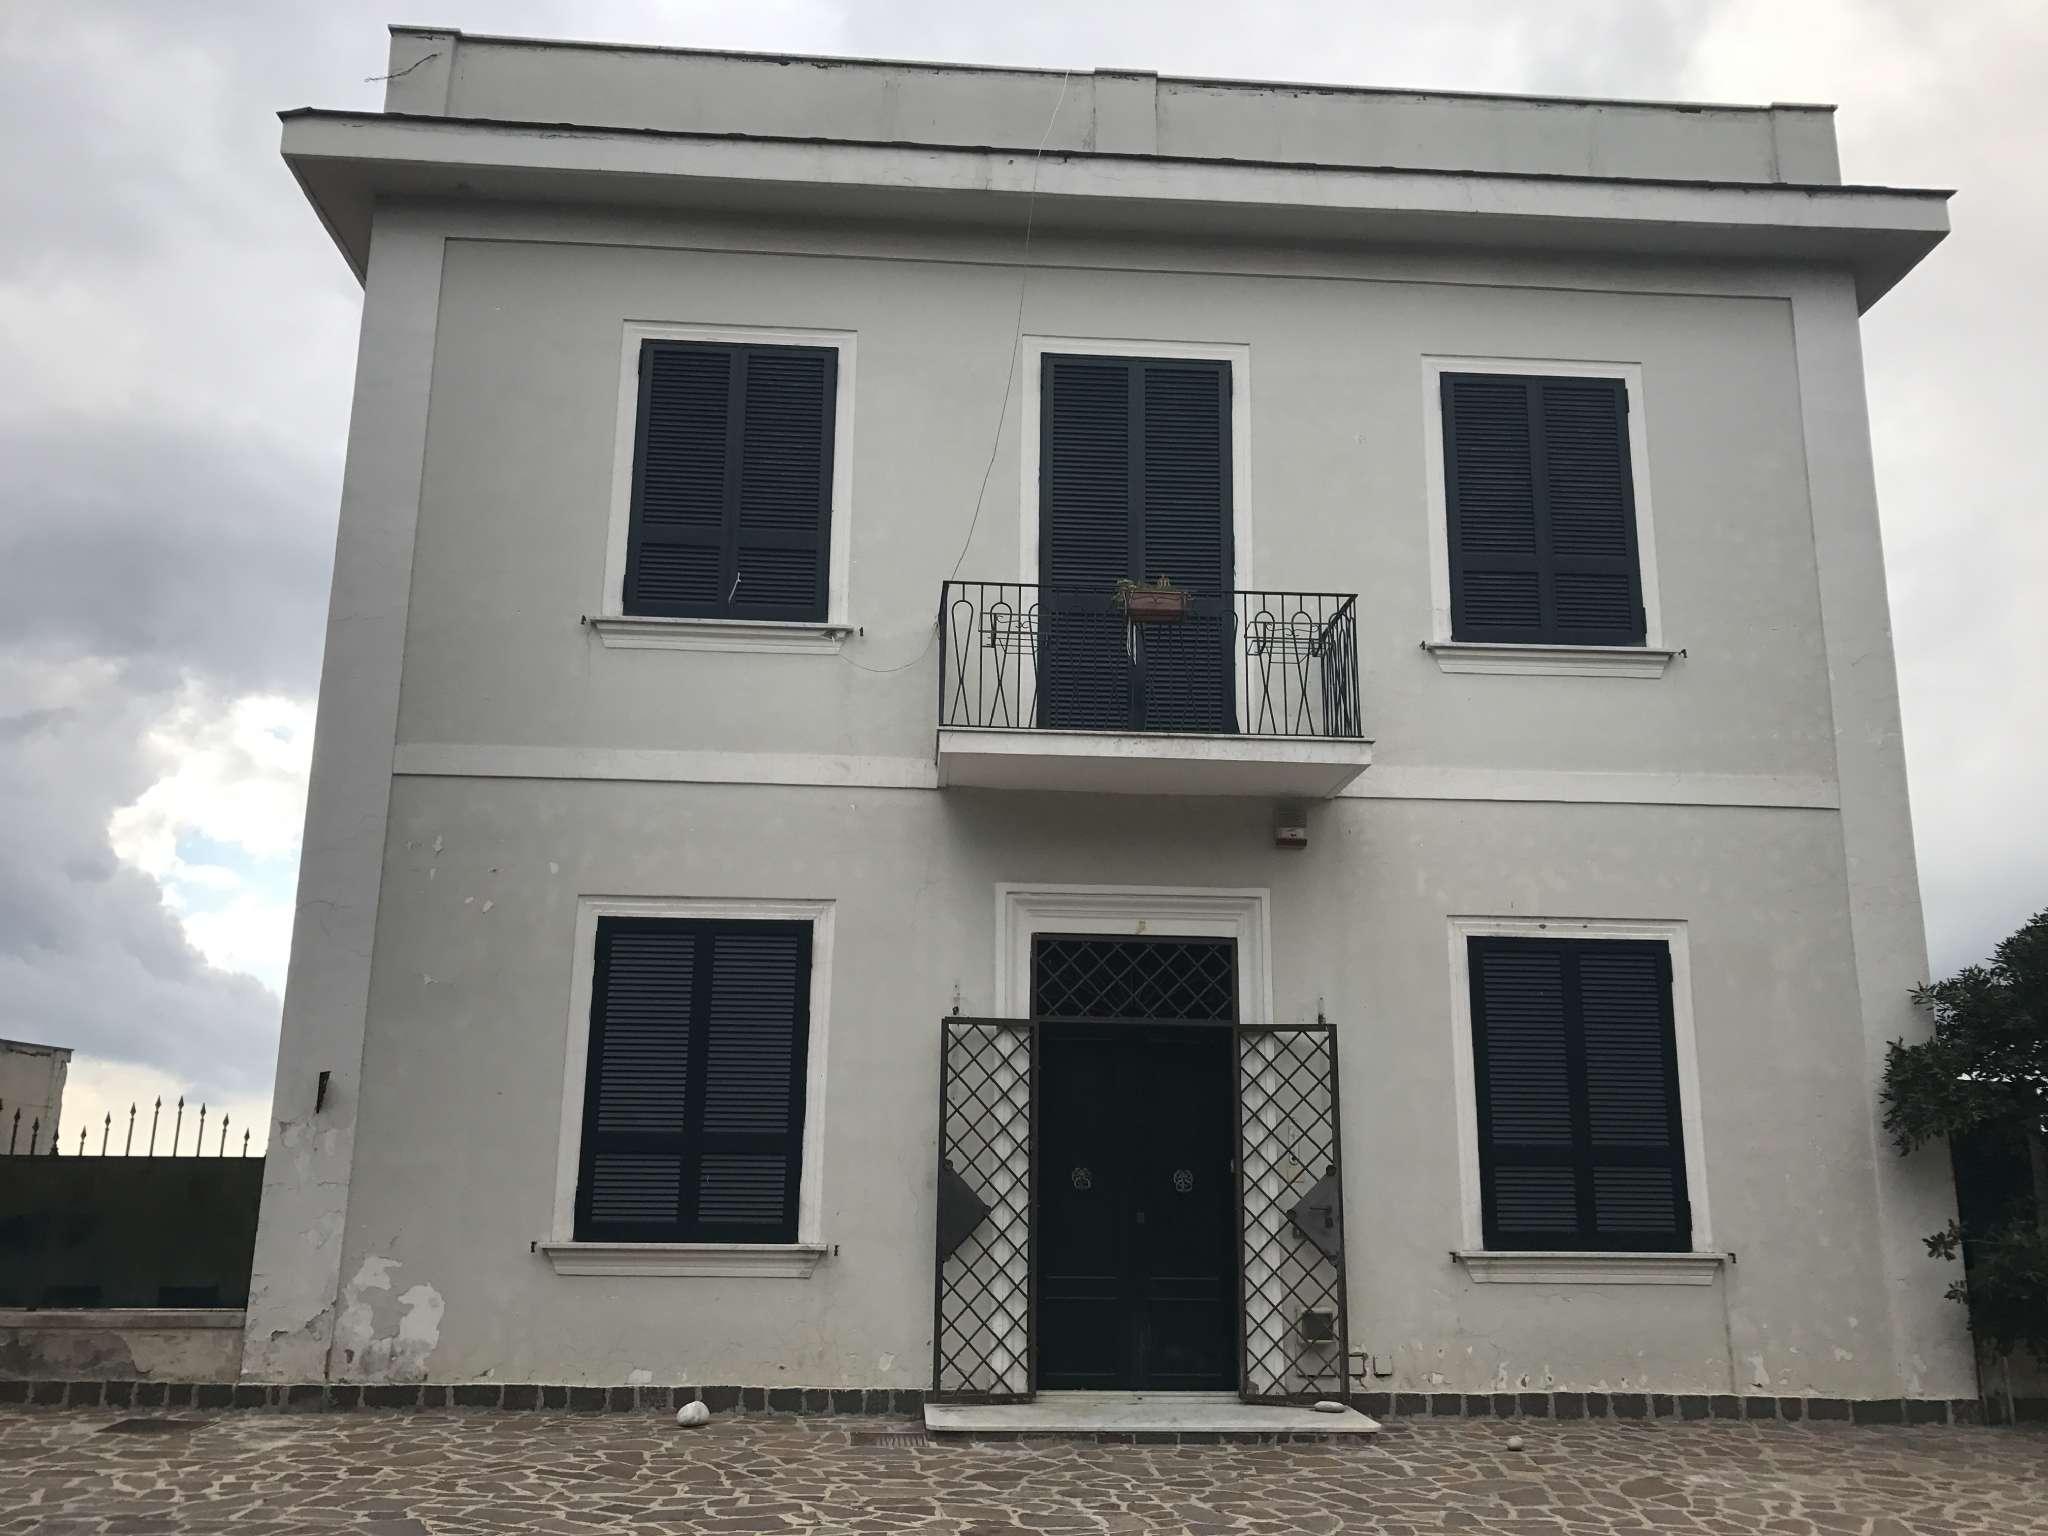 Villa in affitto a Napoli, 8 locali, zona Zona: 1 . Chiaia, Posillipo, San Ferdinando, prezzo € 3.000 | CambioCasa.it